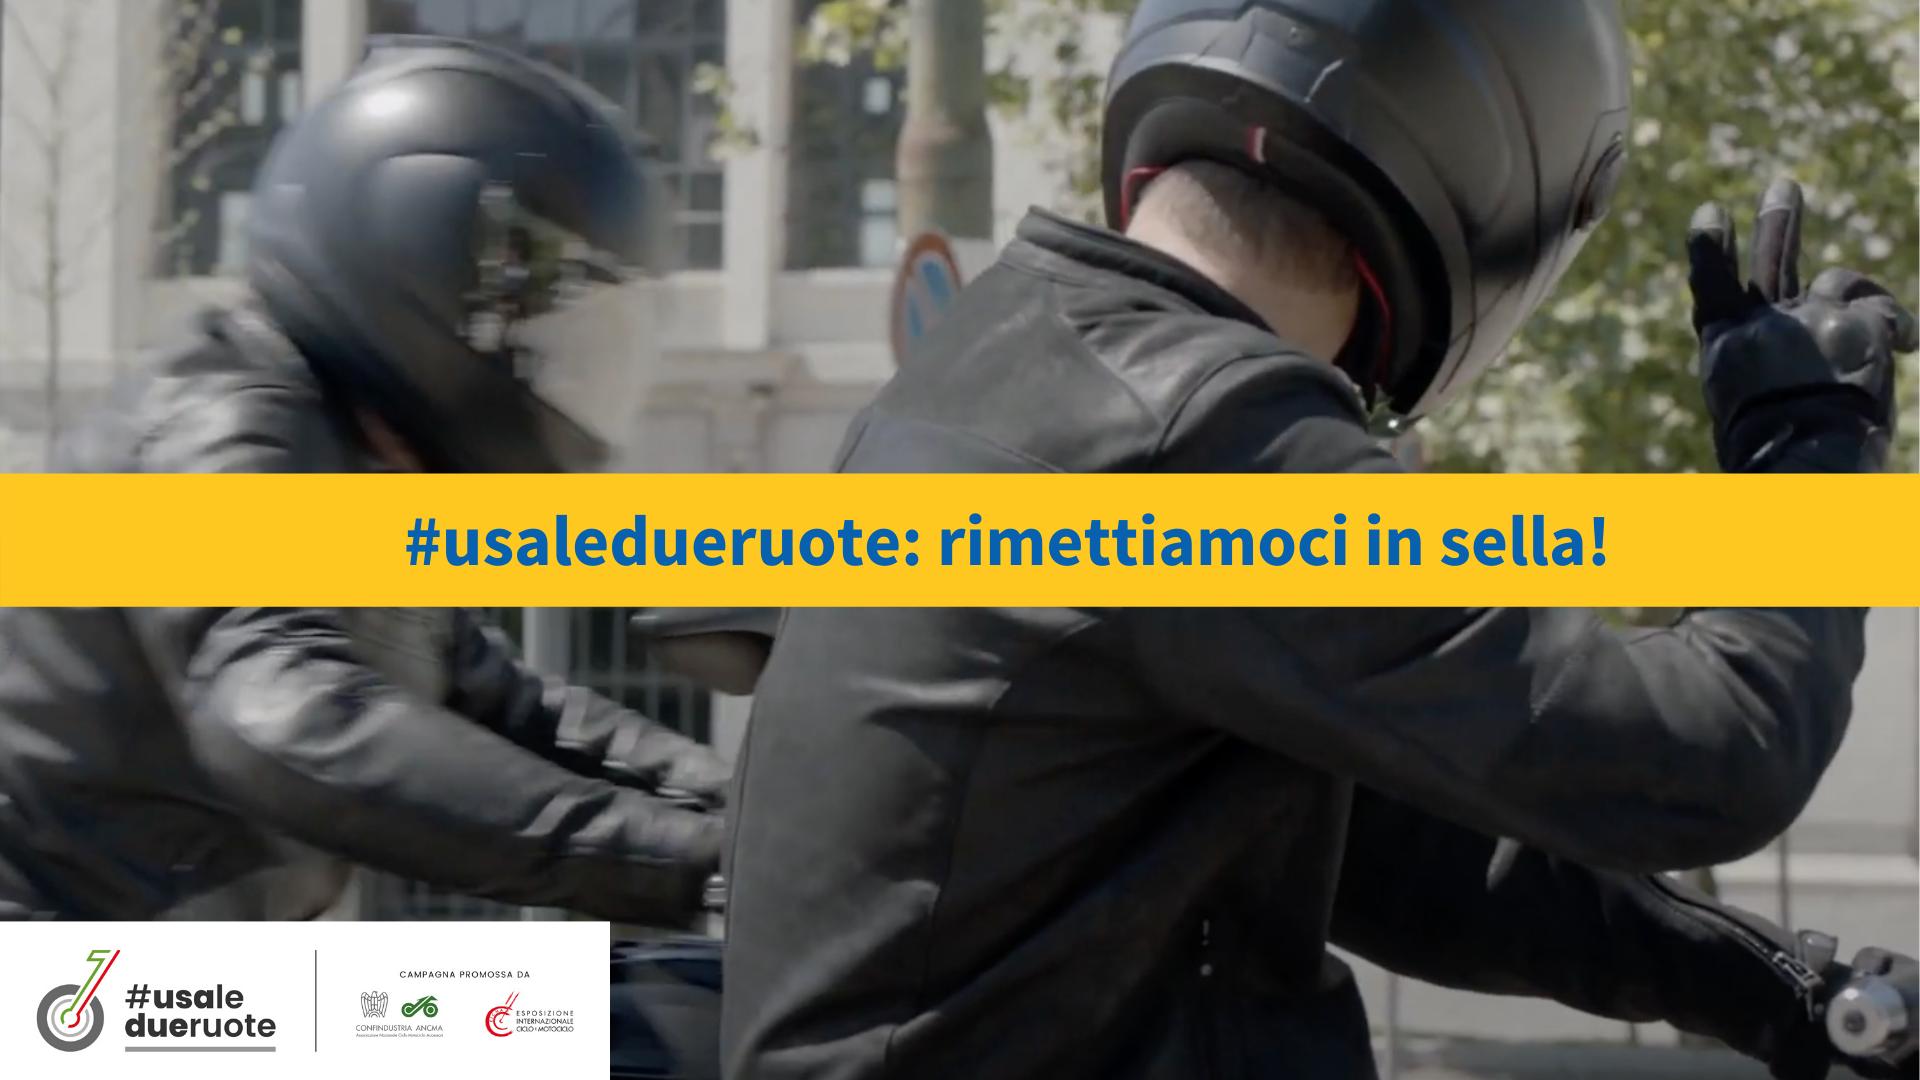 Confindustria ANCMA ed Eicma rilanciano  la mobilità urbana con la campagna #usaledueruote